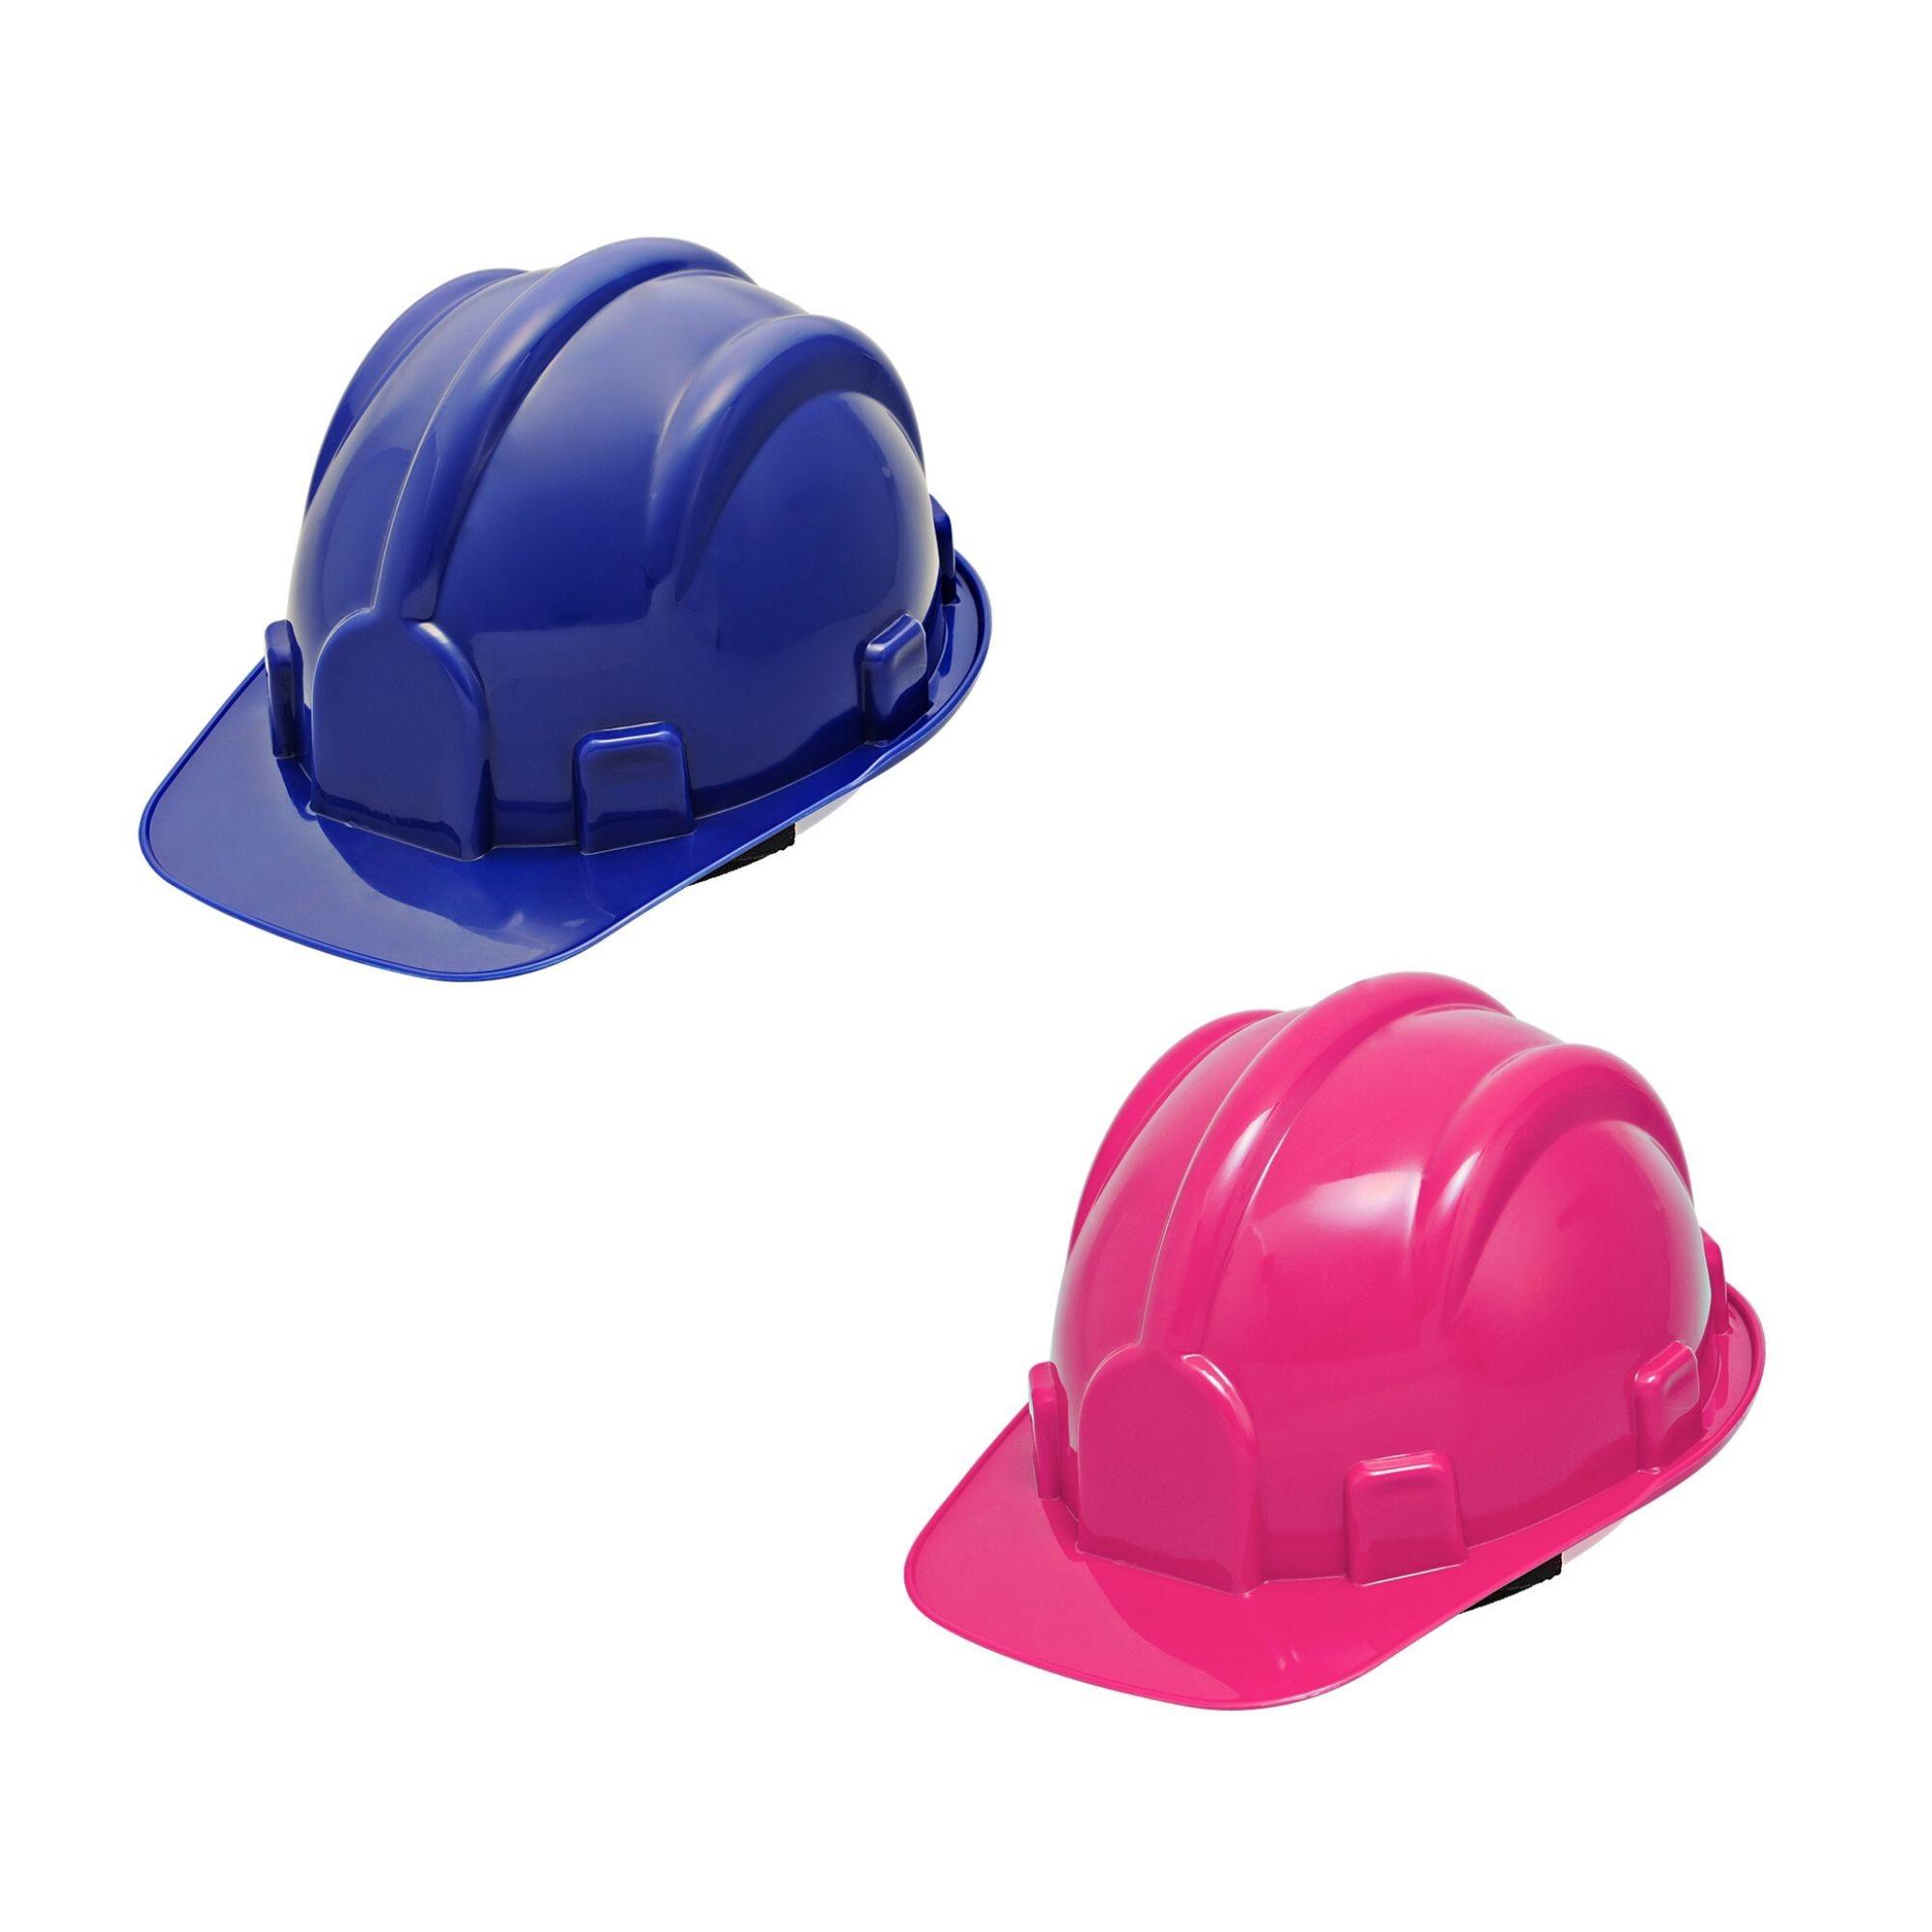 Kit 2 Pçs Capacete Segurança Cor Azul Completo Com Jugular  - DE PAULA EPI